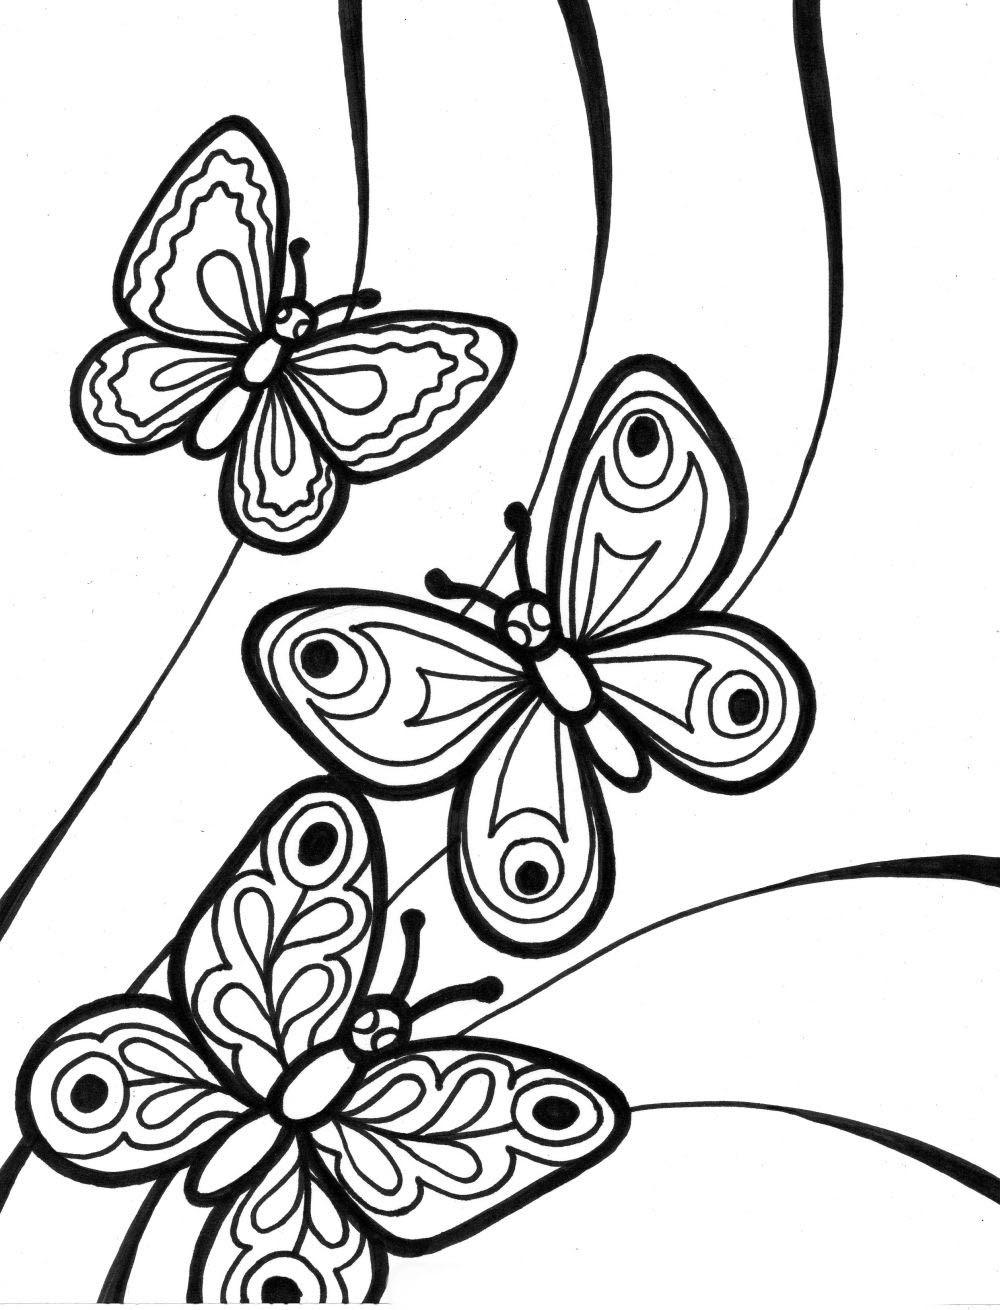 Dibujos Bonitos Y Faciles Good San Valentin Enamorados Dibujos Para